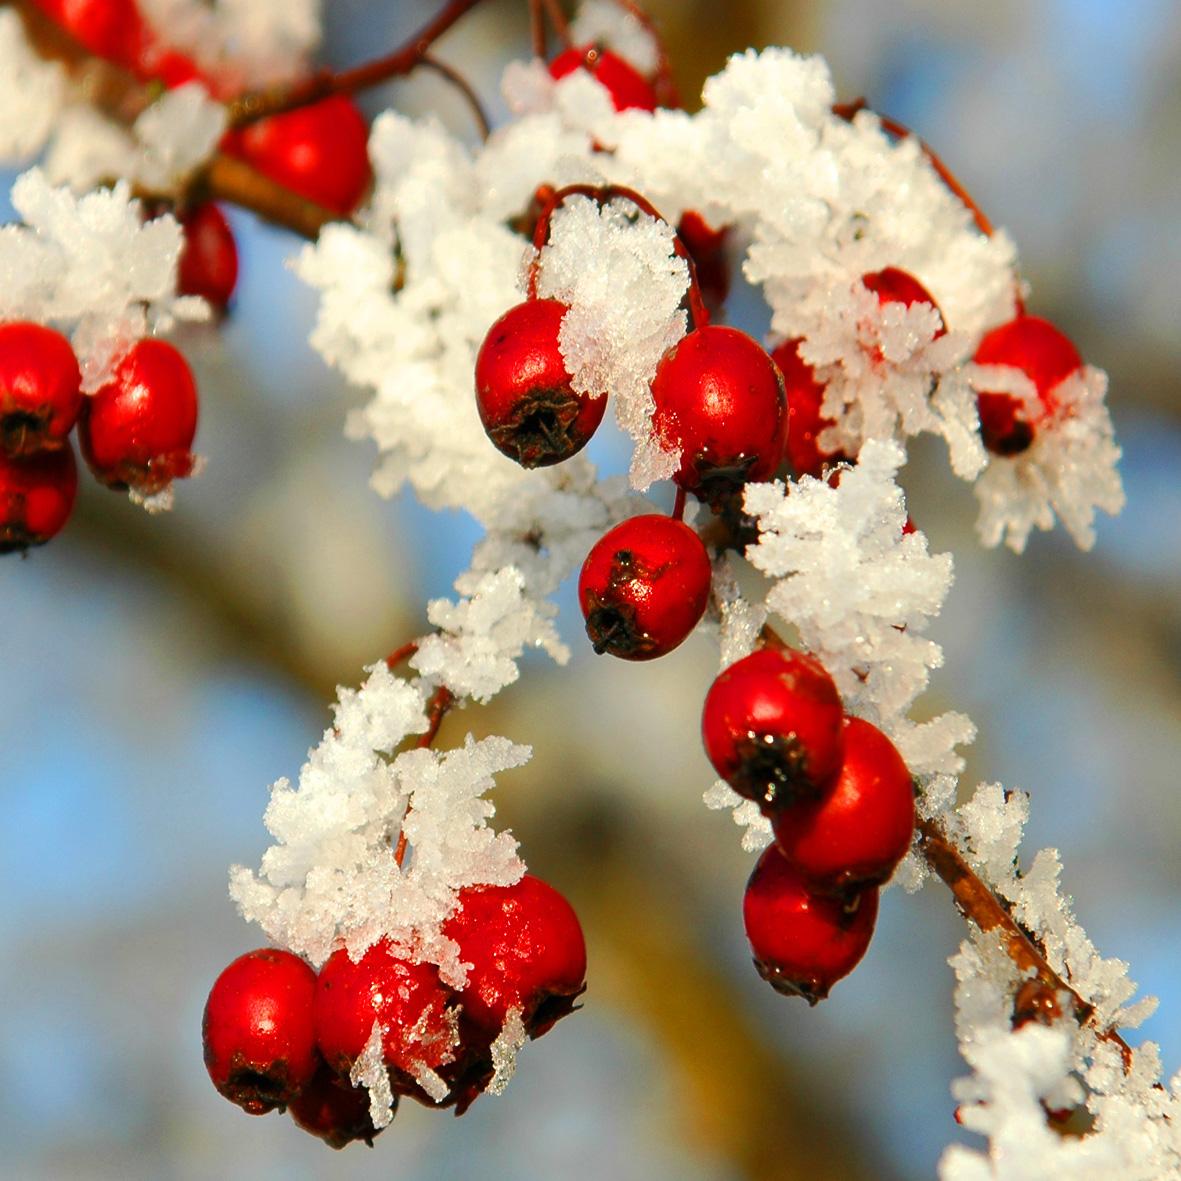 NNR-berries and frost-Steve Worwood-DSC_0079-square crop.jpg